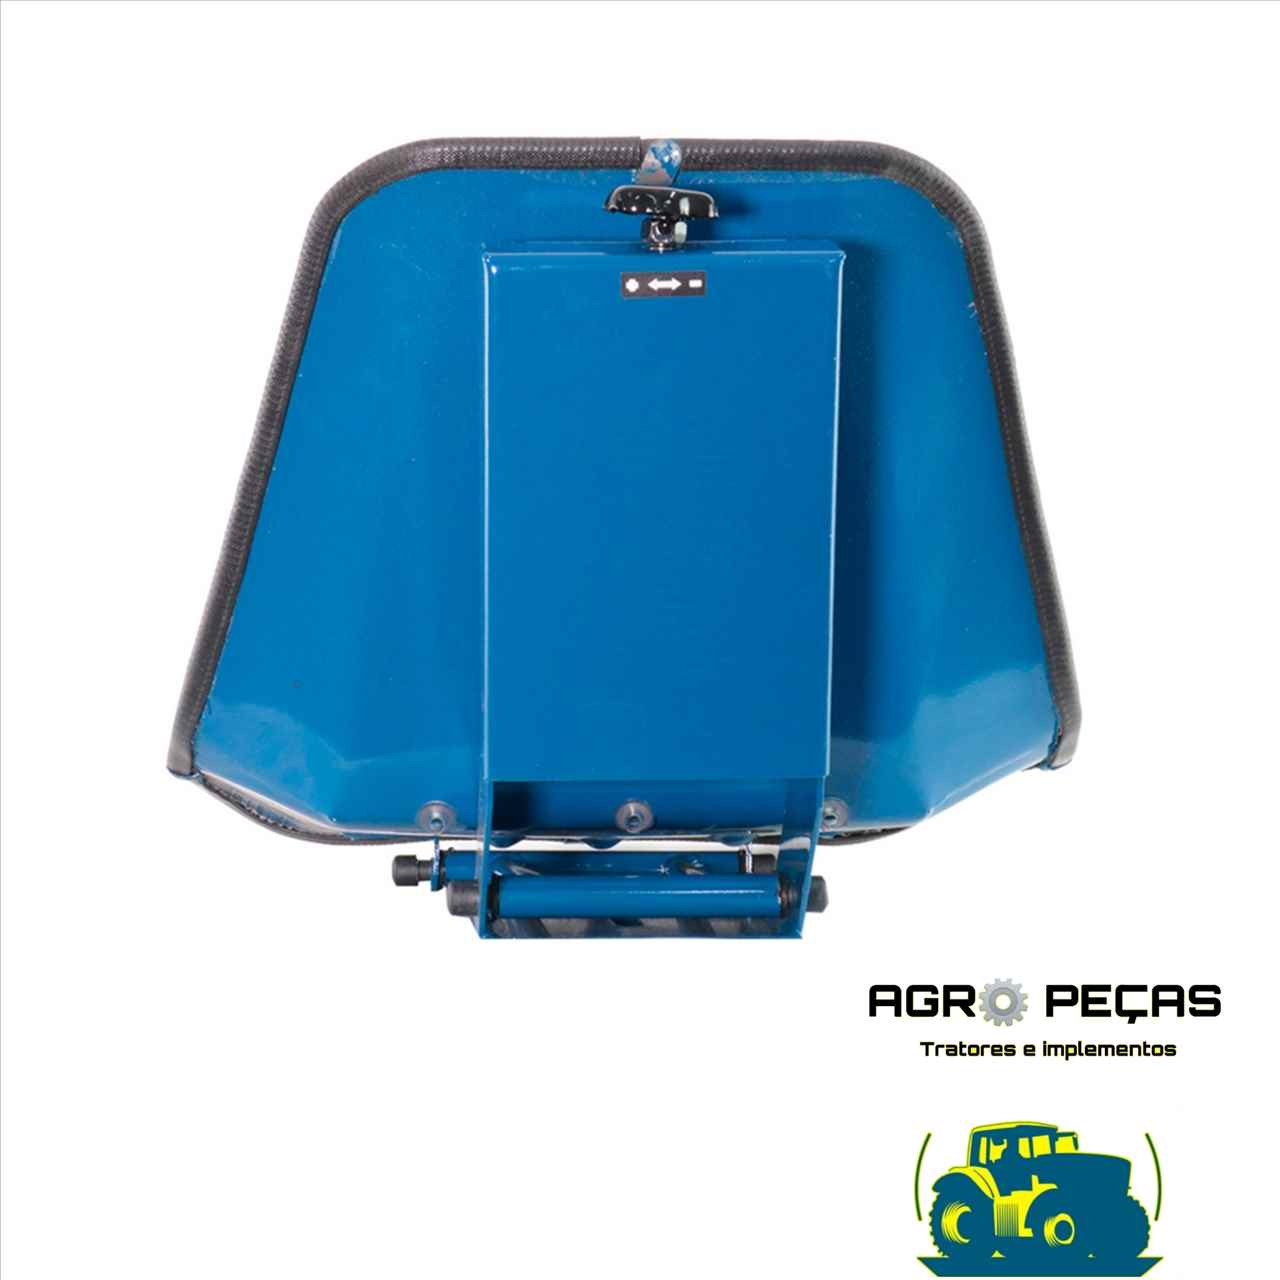 manduri%2fsp%2fbanco-completo-ford%2f21001%2ftrator%2fagro-pecas-tratores-e-implementos%2f12423